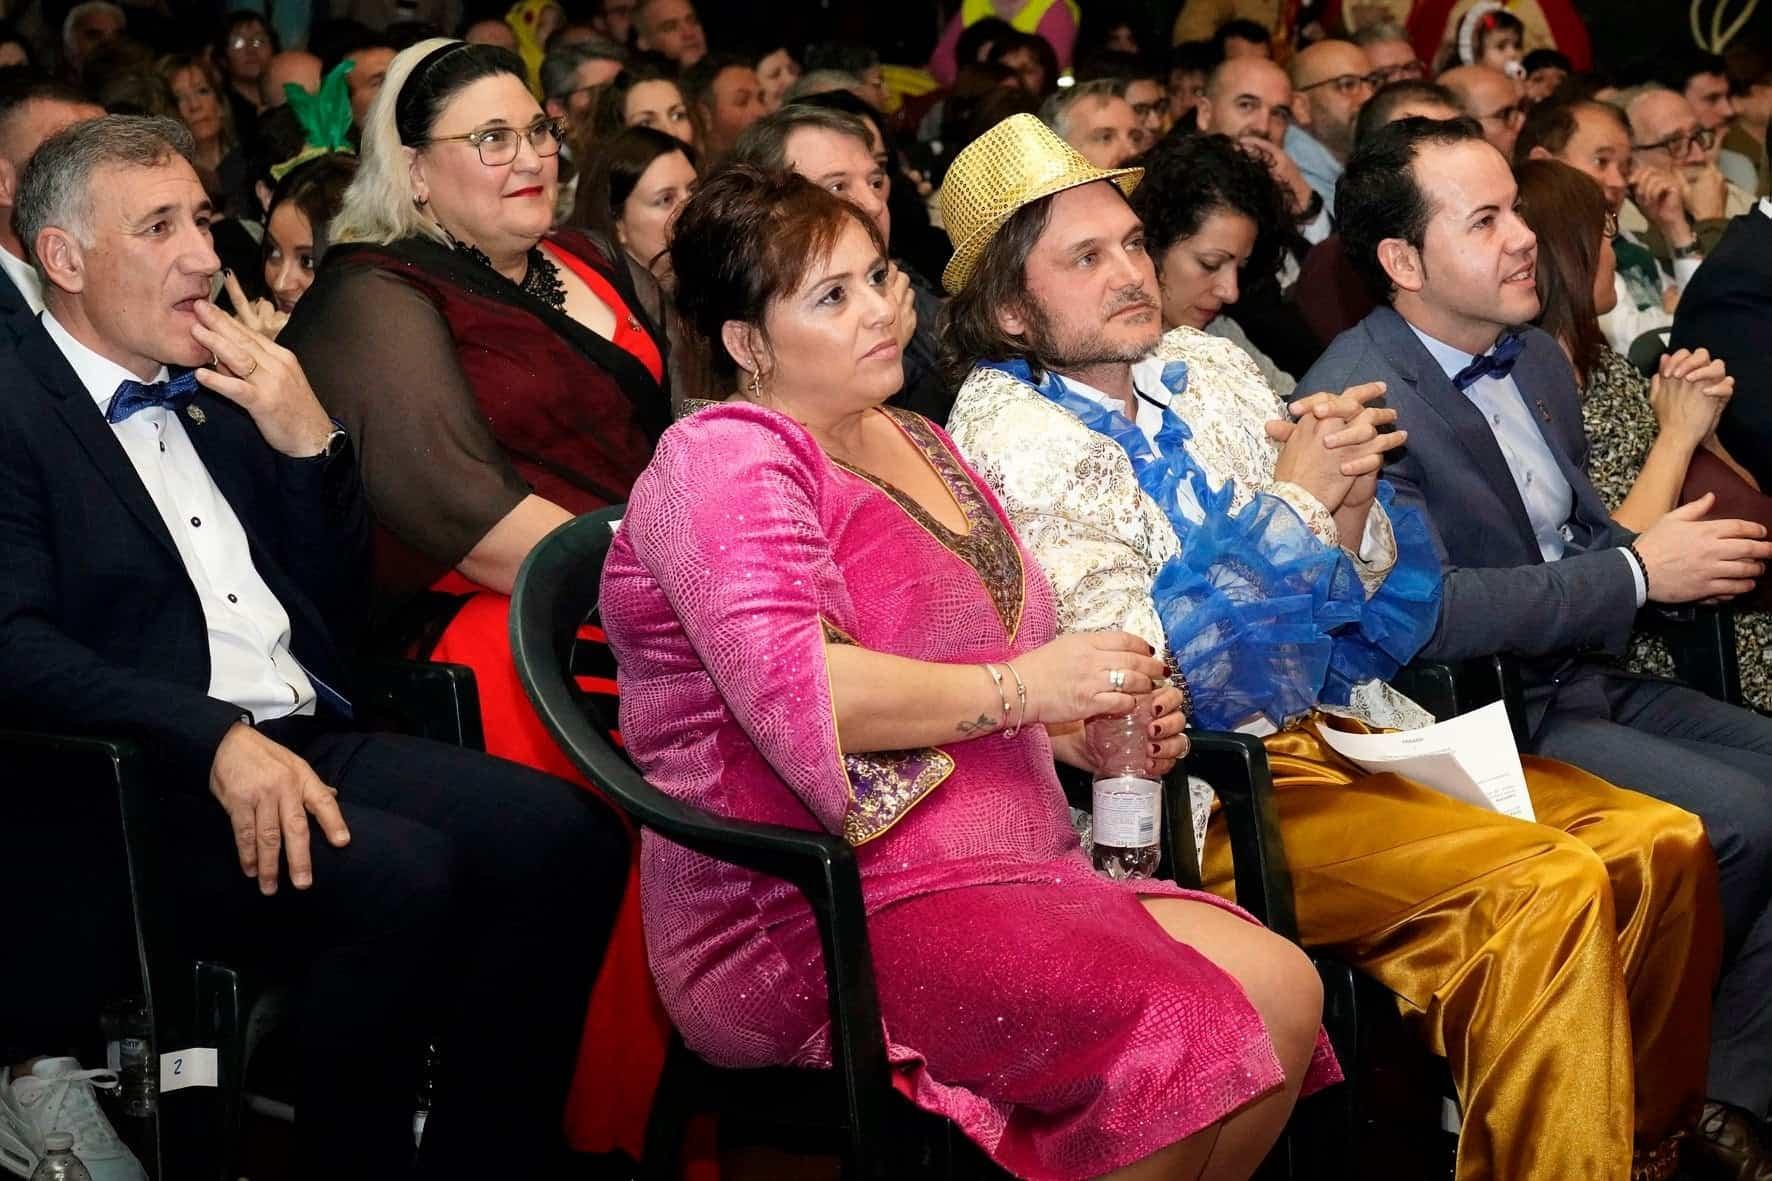 inauguracion carnaval 2020 herencia 14 - Inauguración del Carnaval de Herencia 2020